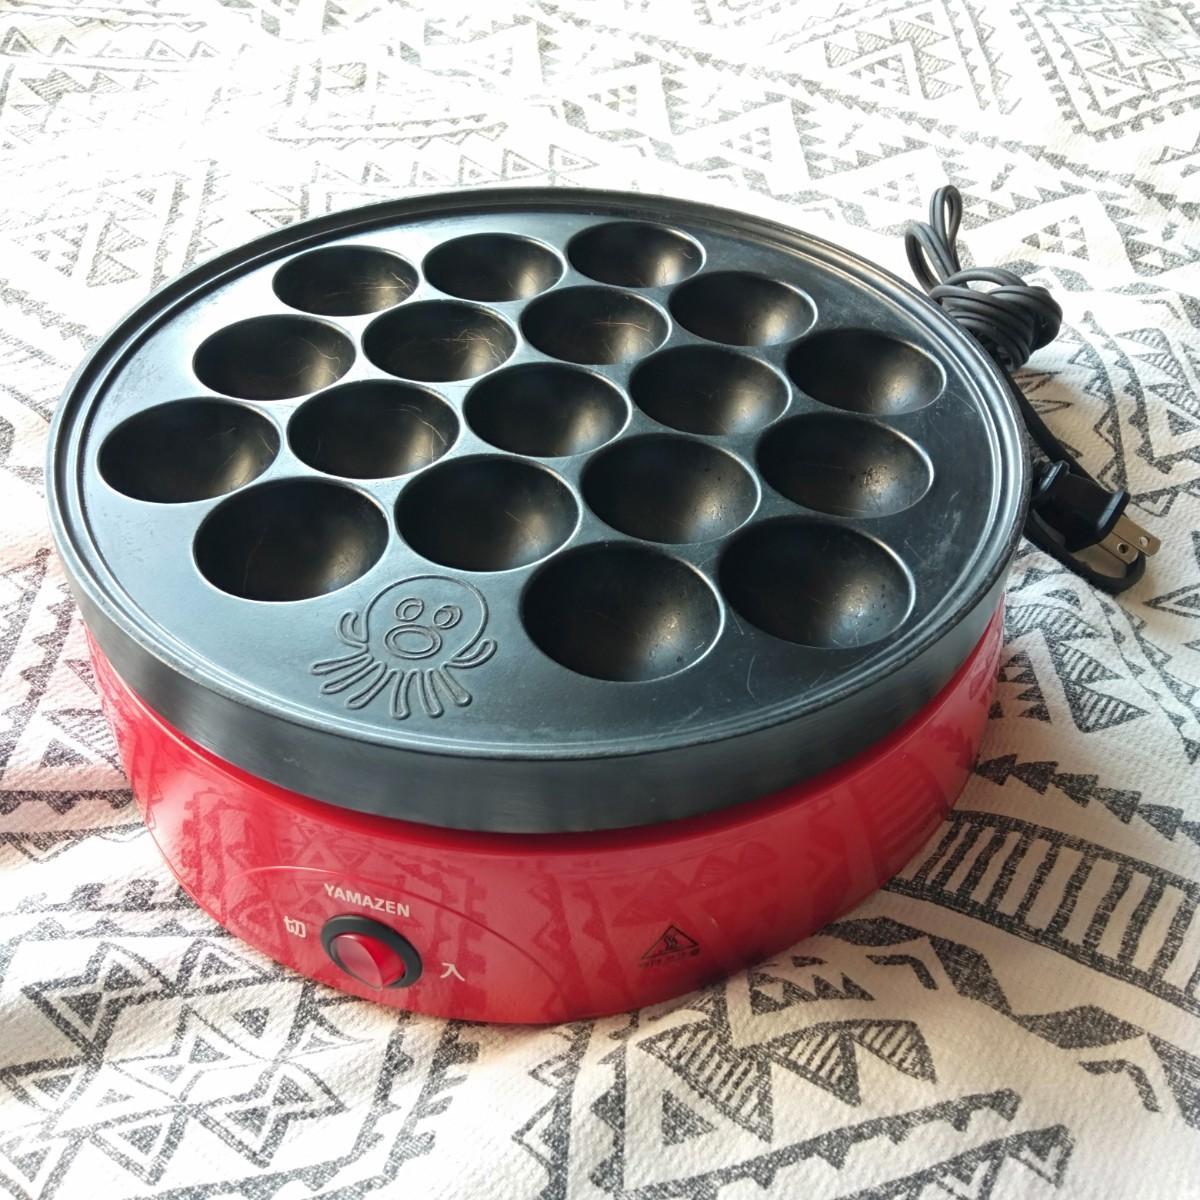 たこ焼き器 YAMAZEN OP-6518(R) レッド